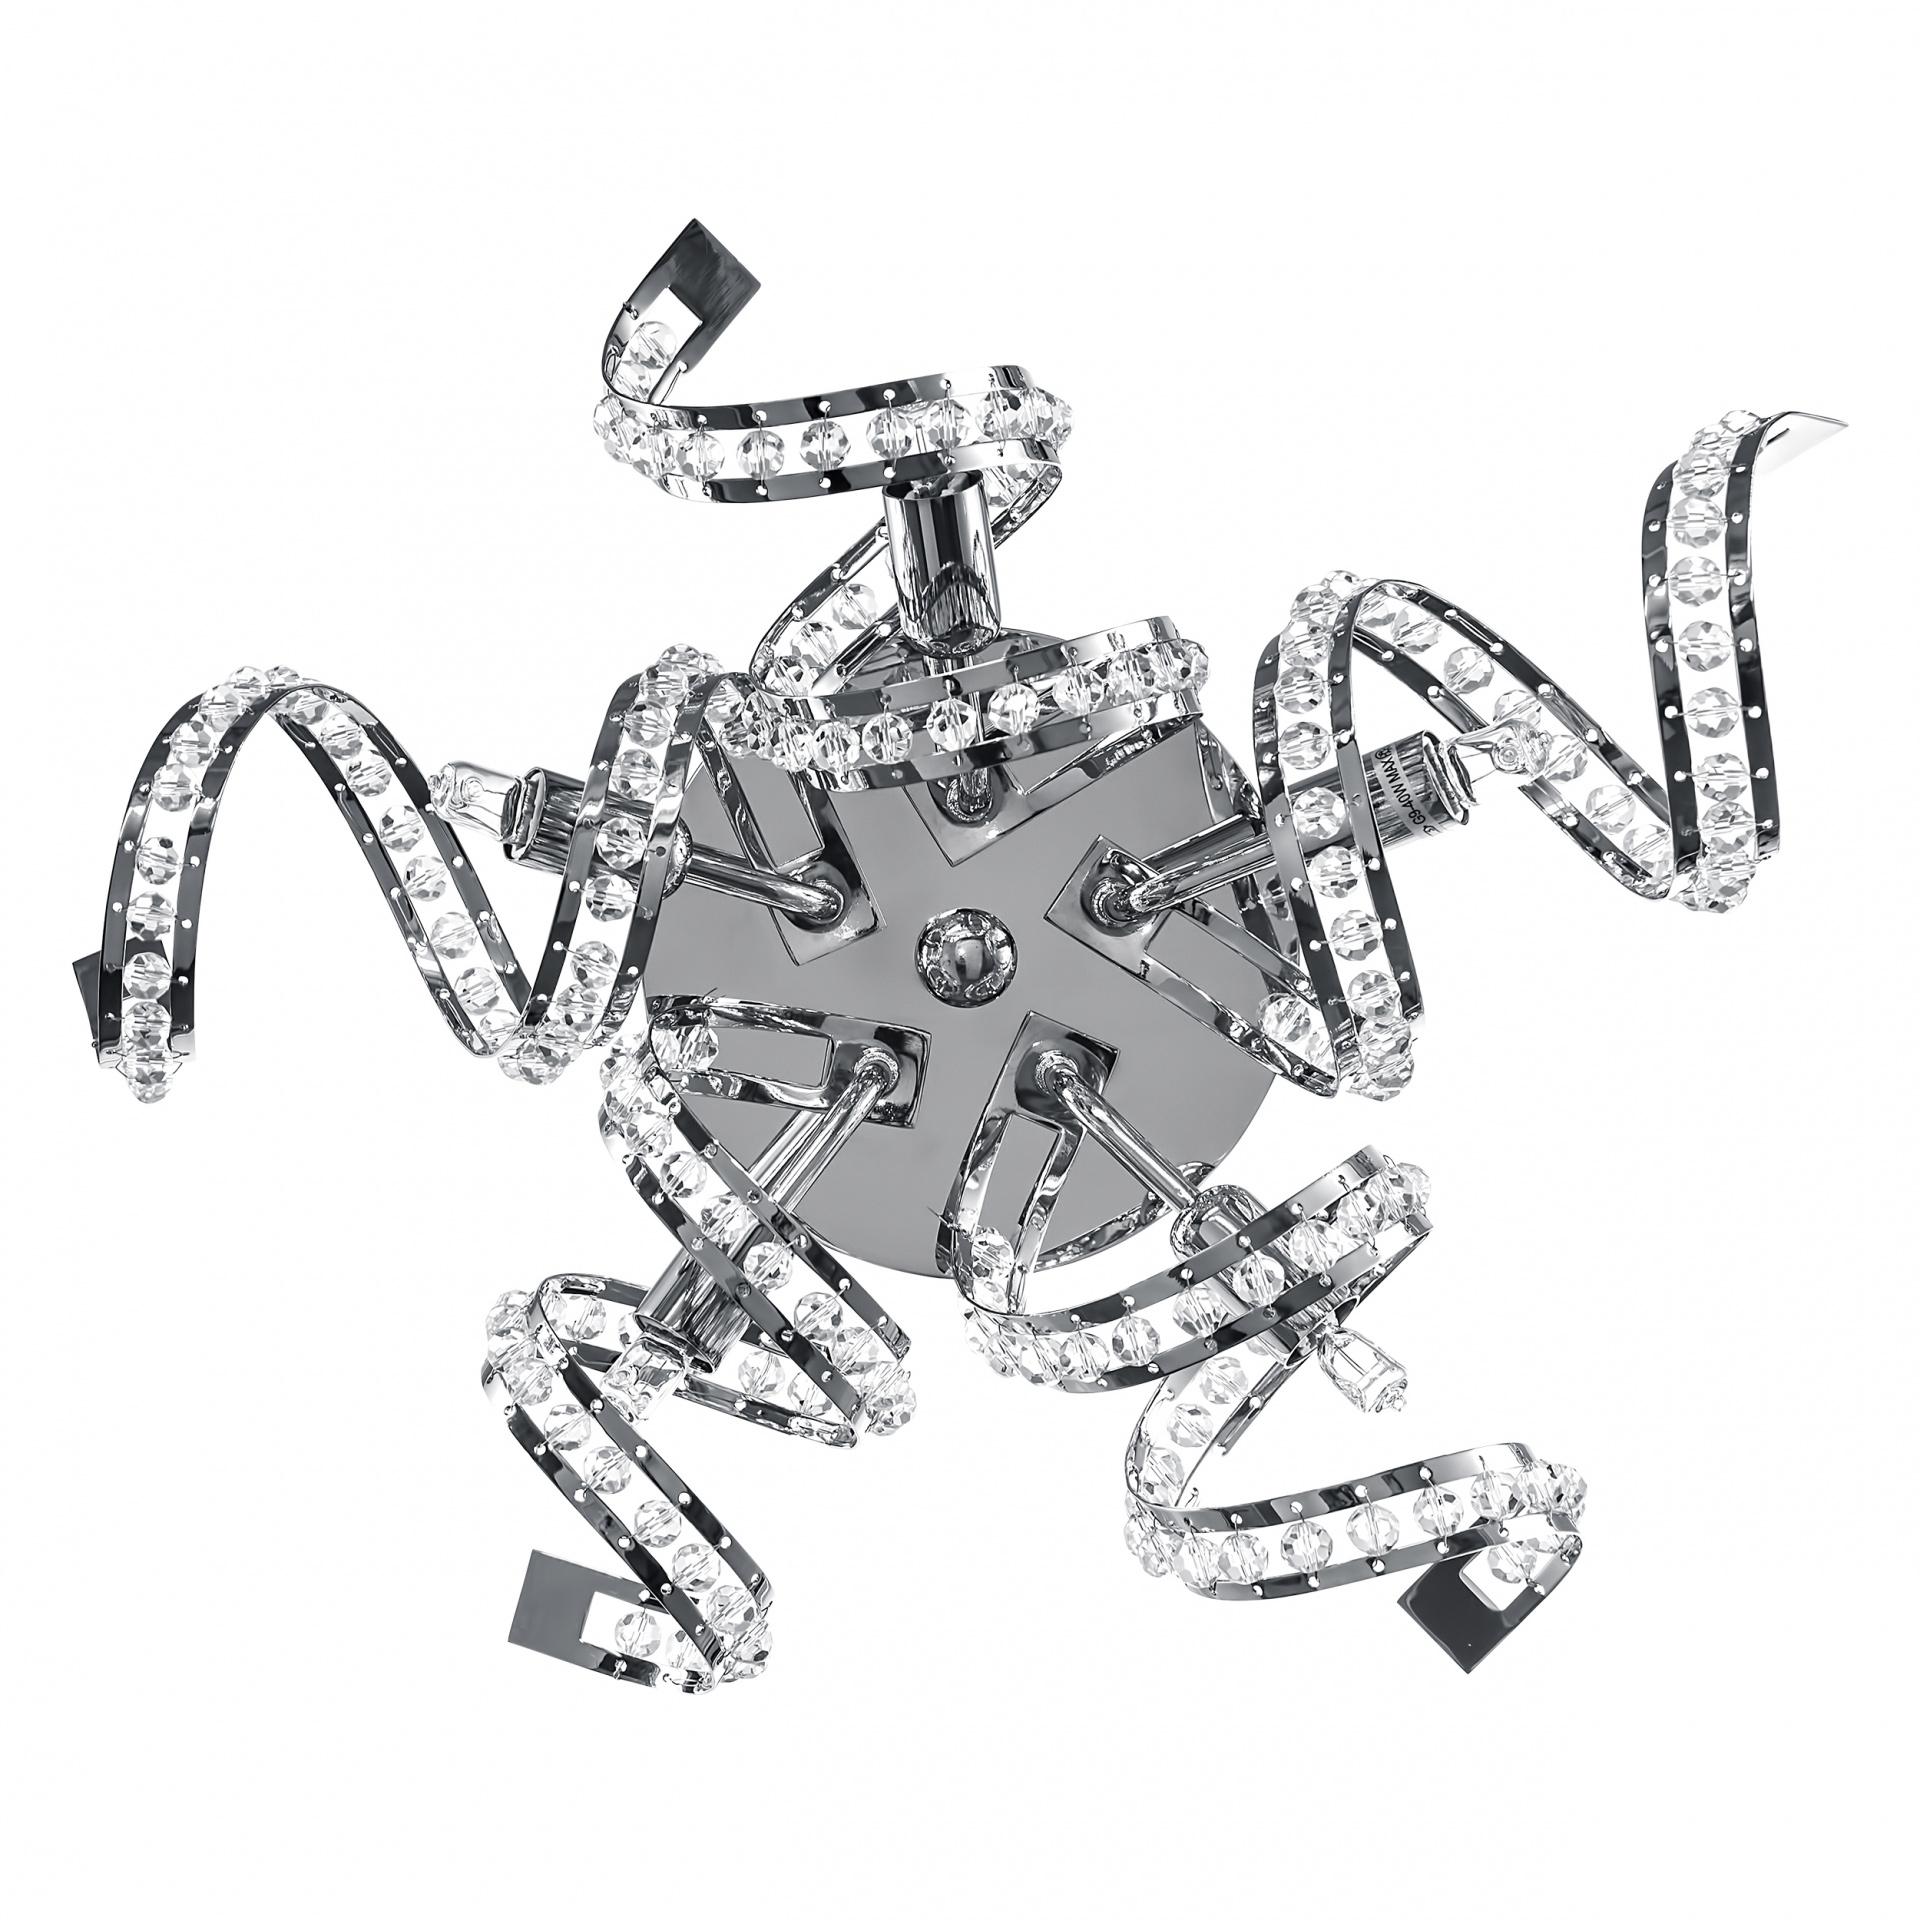 Бра Spider 5х40W G9 хром Lightstar 742654, купить в СПб, Москве, с доставкой, Санкт-Петербург, интернет-магазин люстр и светильников Starlight, фото в жизни